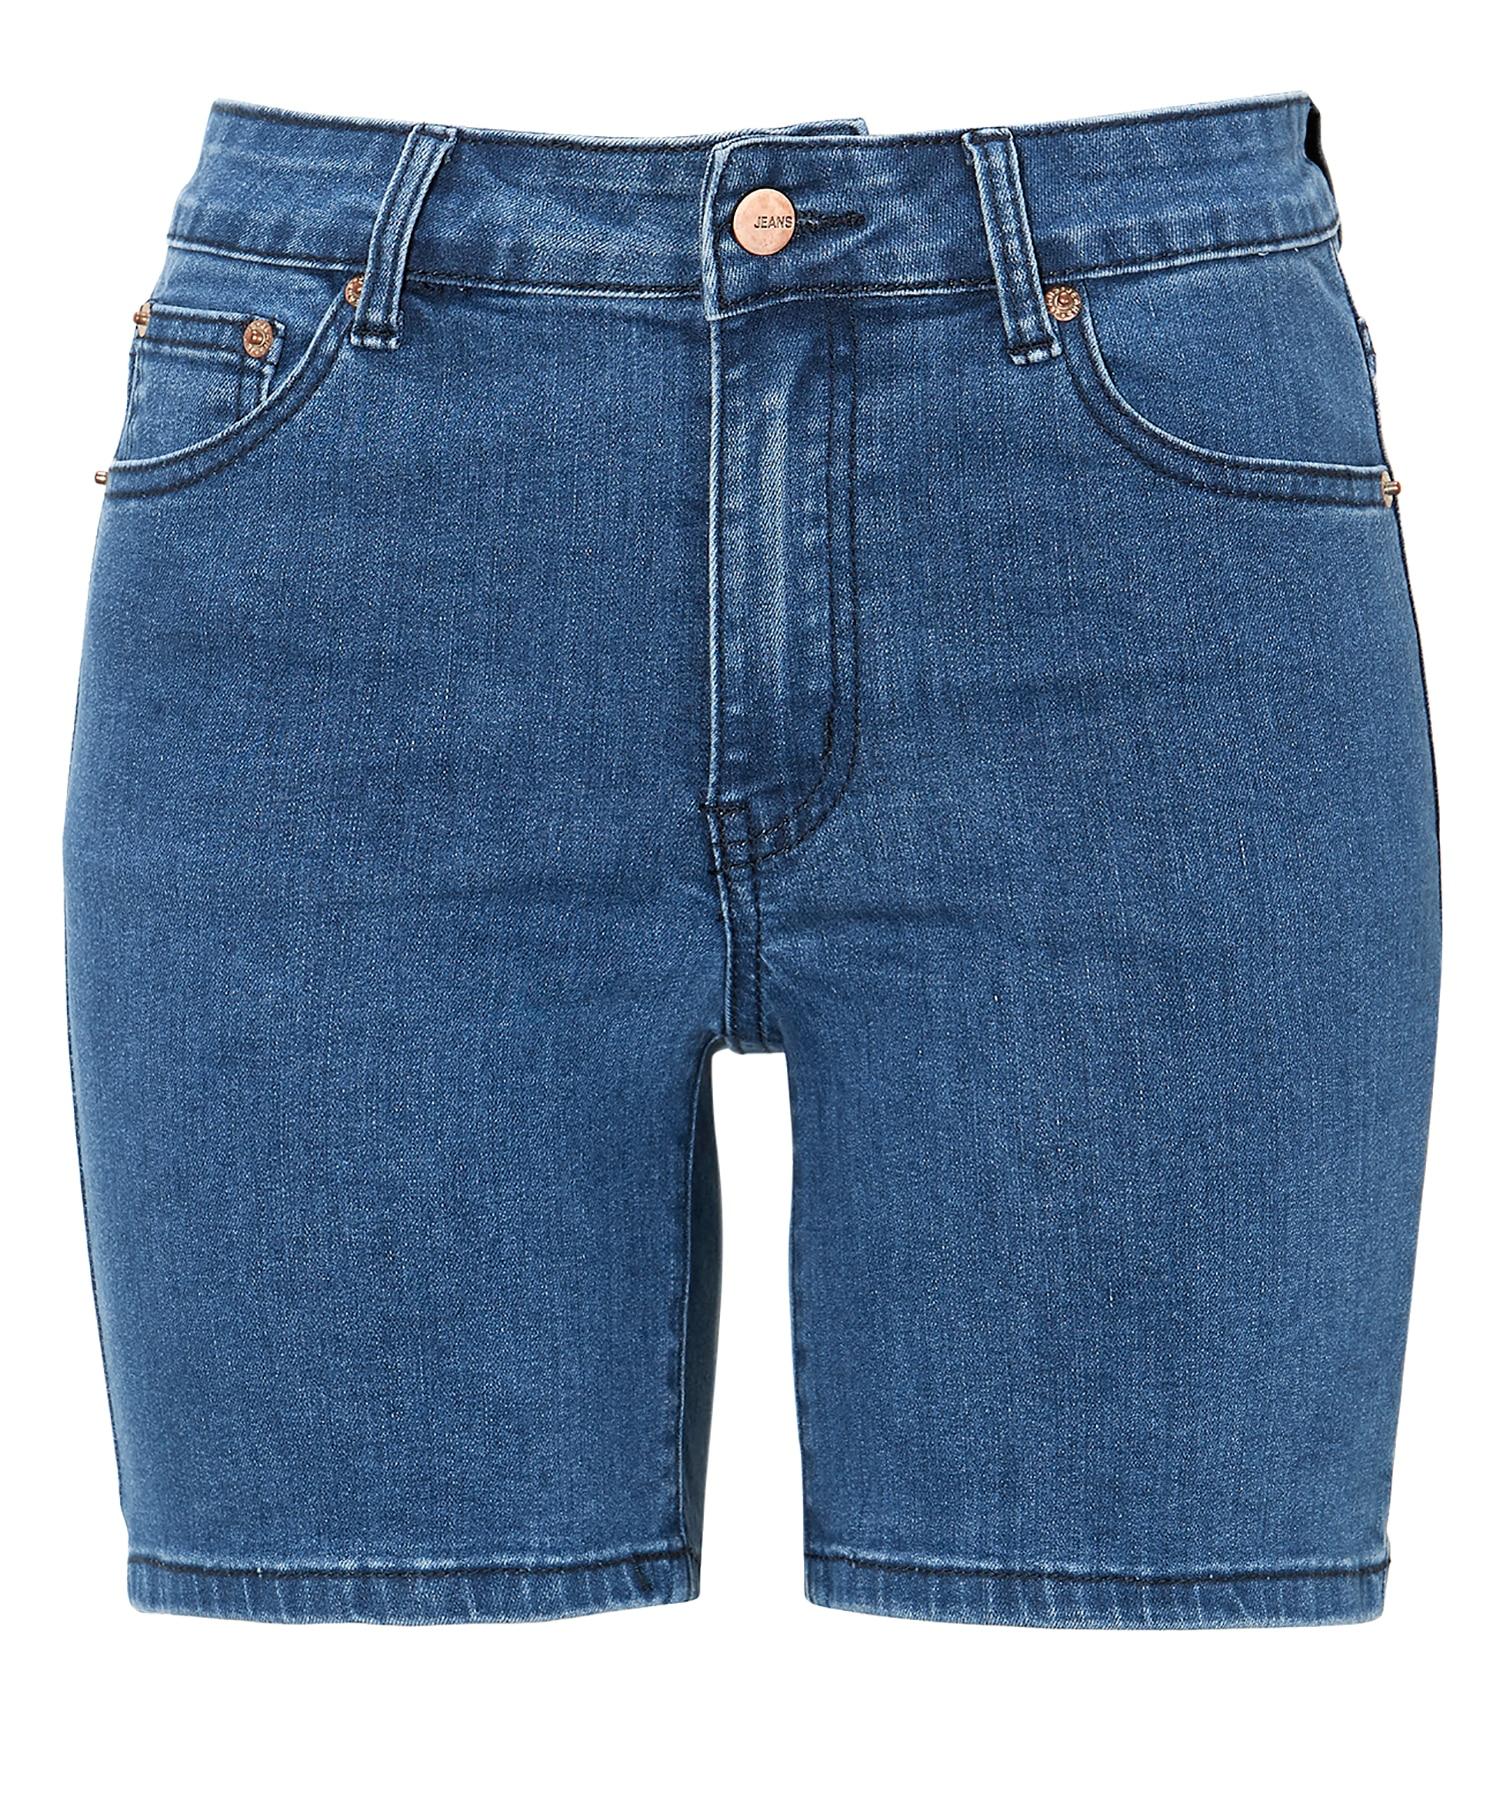 Redhill denim shorts